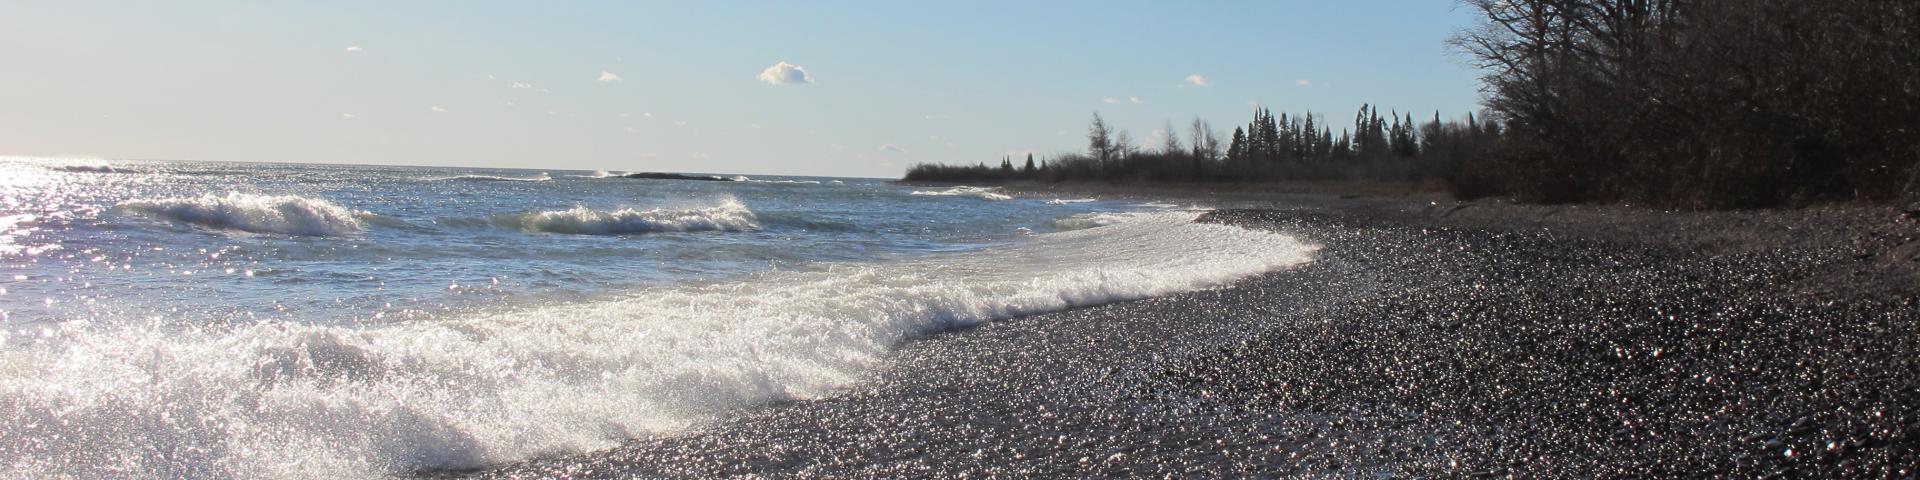 Image of Lake Superior shoreline